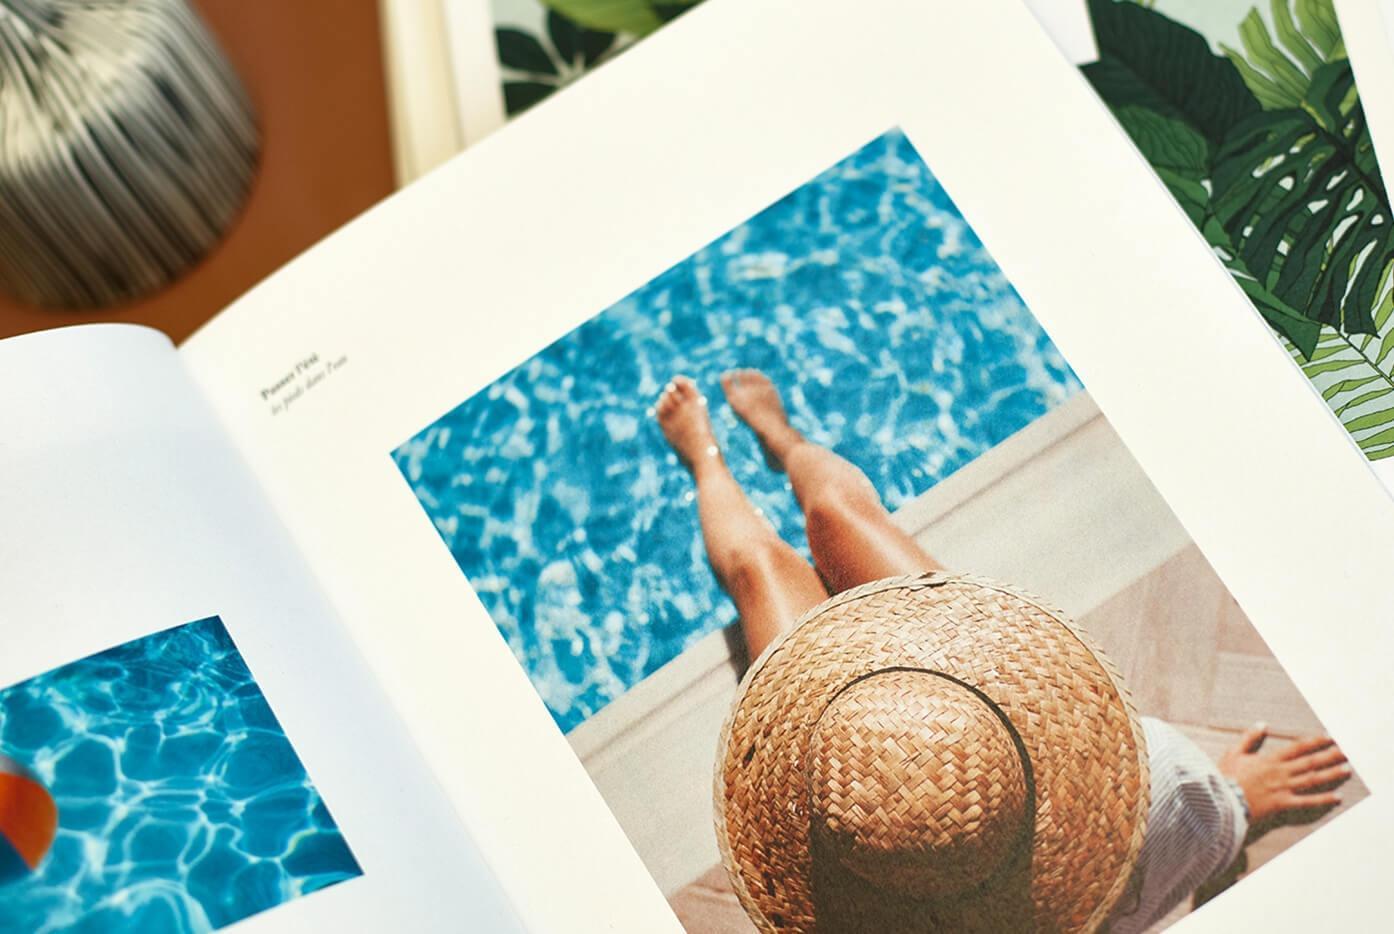 Innocence - Précieux souvenirs - Edition des vacances - Impression photos